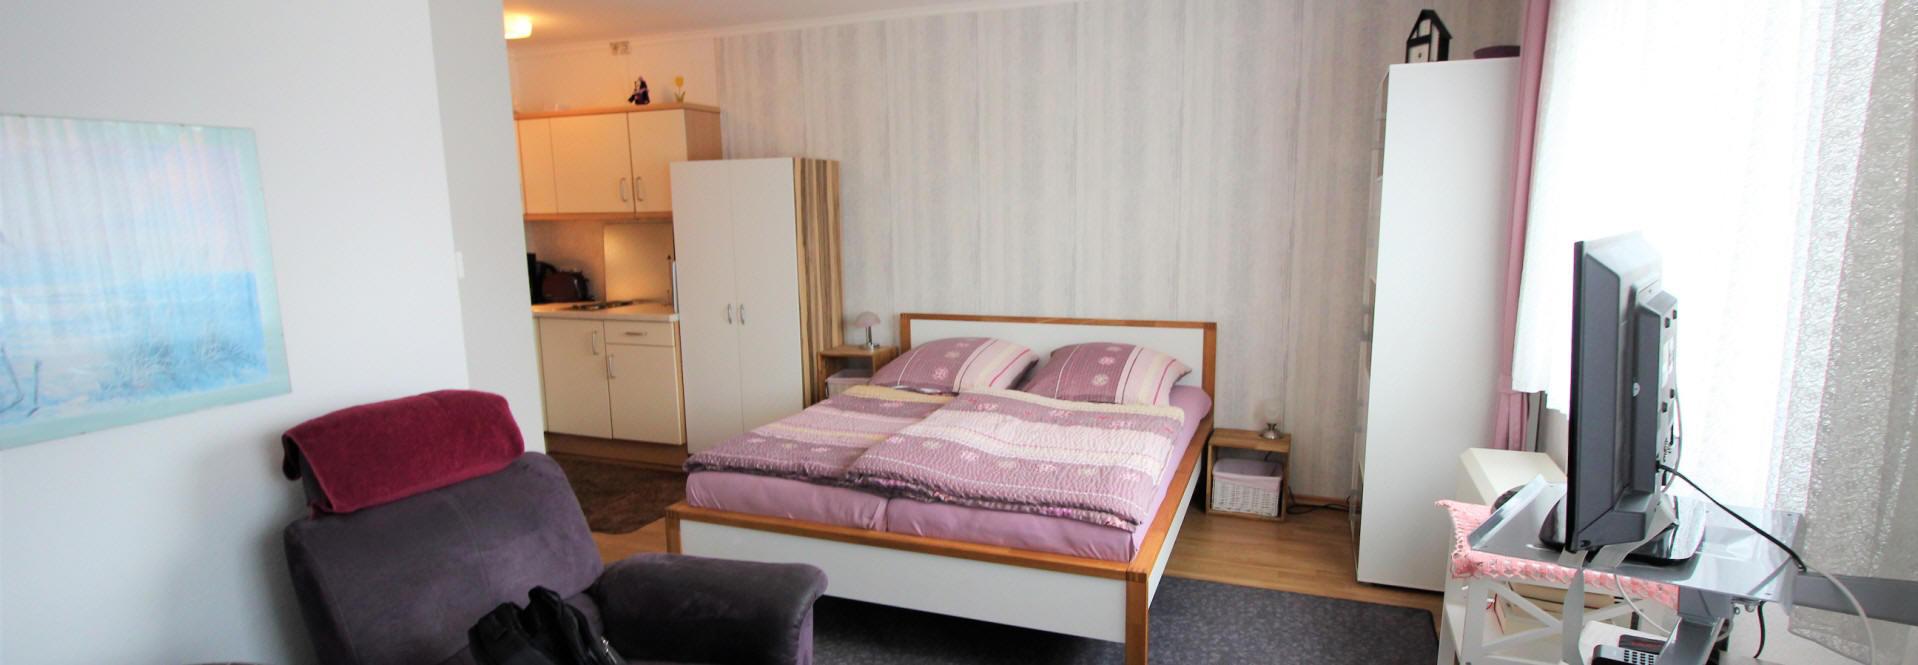 Apartment Emmastr., die kleine freindliche Ferienwohnung für zwei Personen